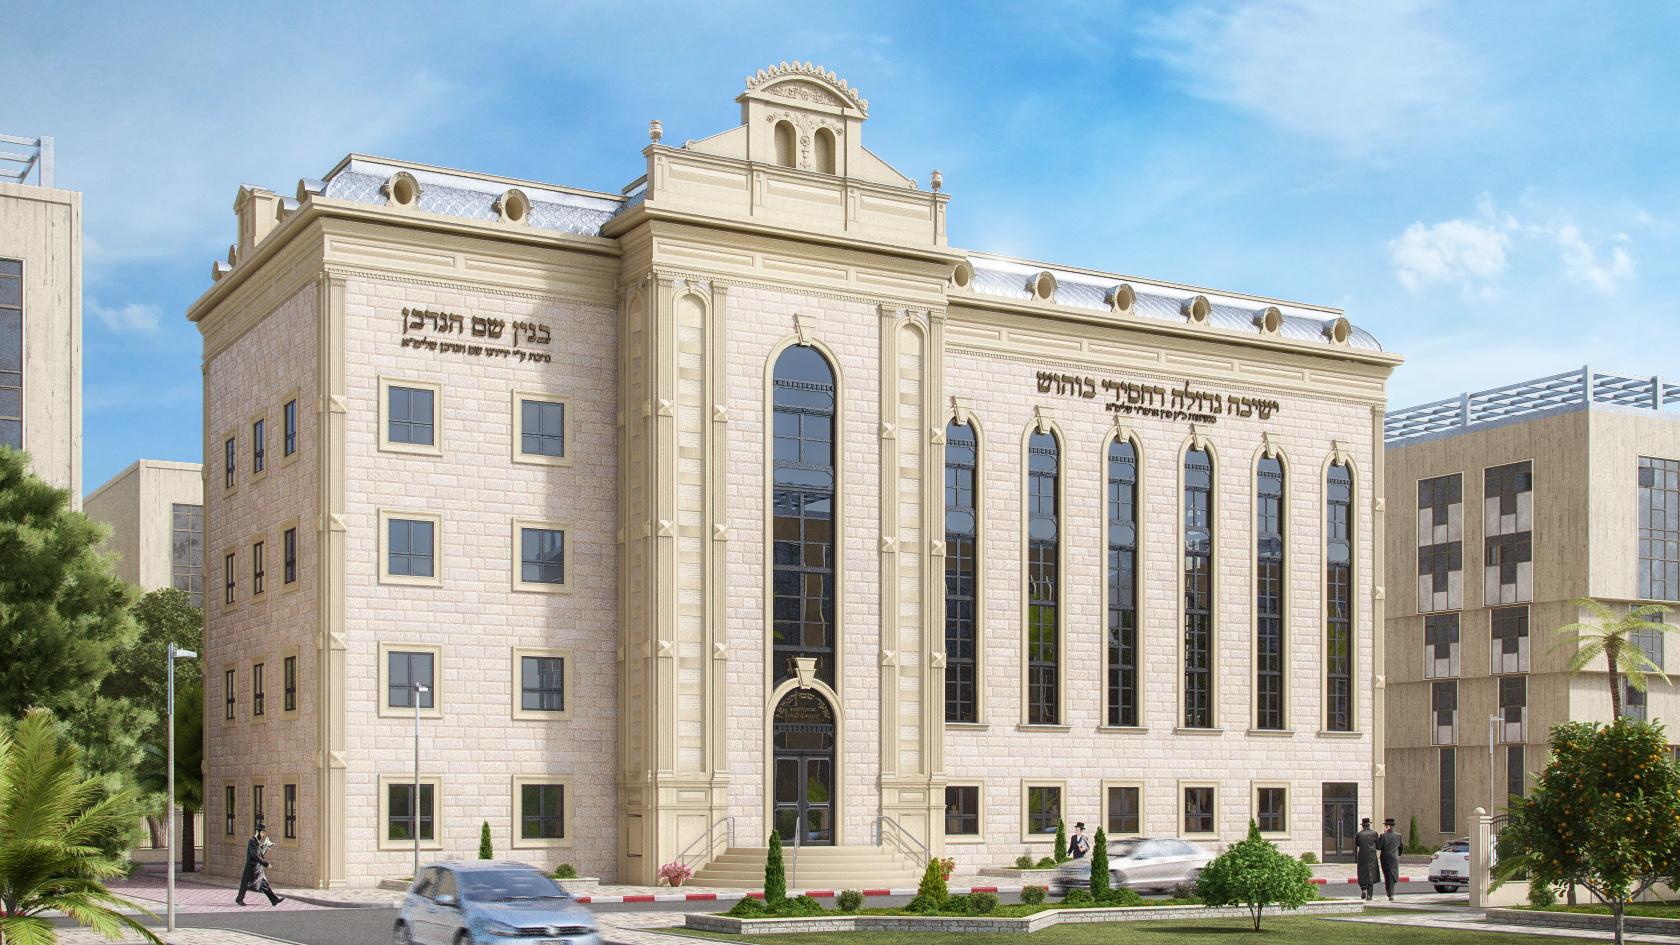 Buhush Yeshiva CGI Exterior Render